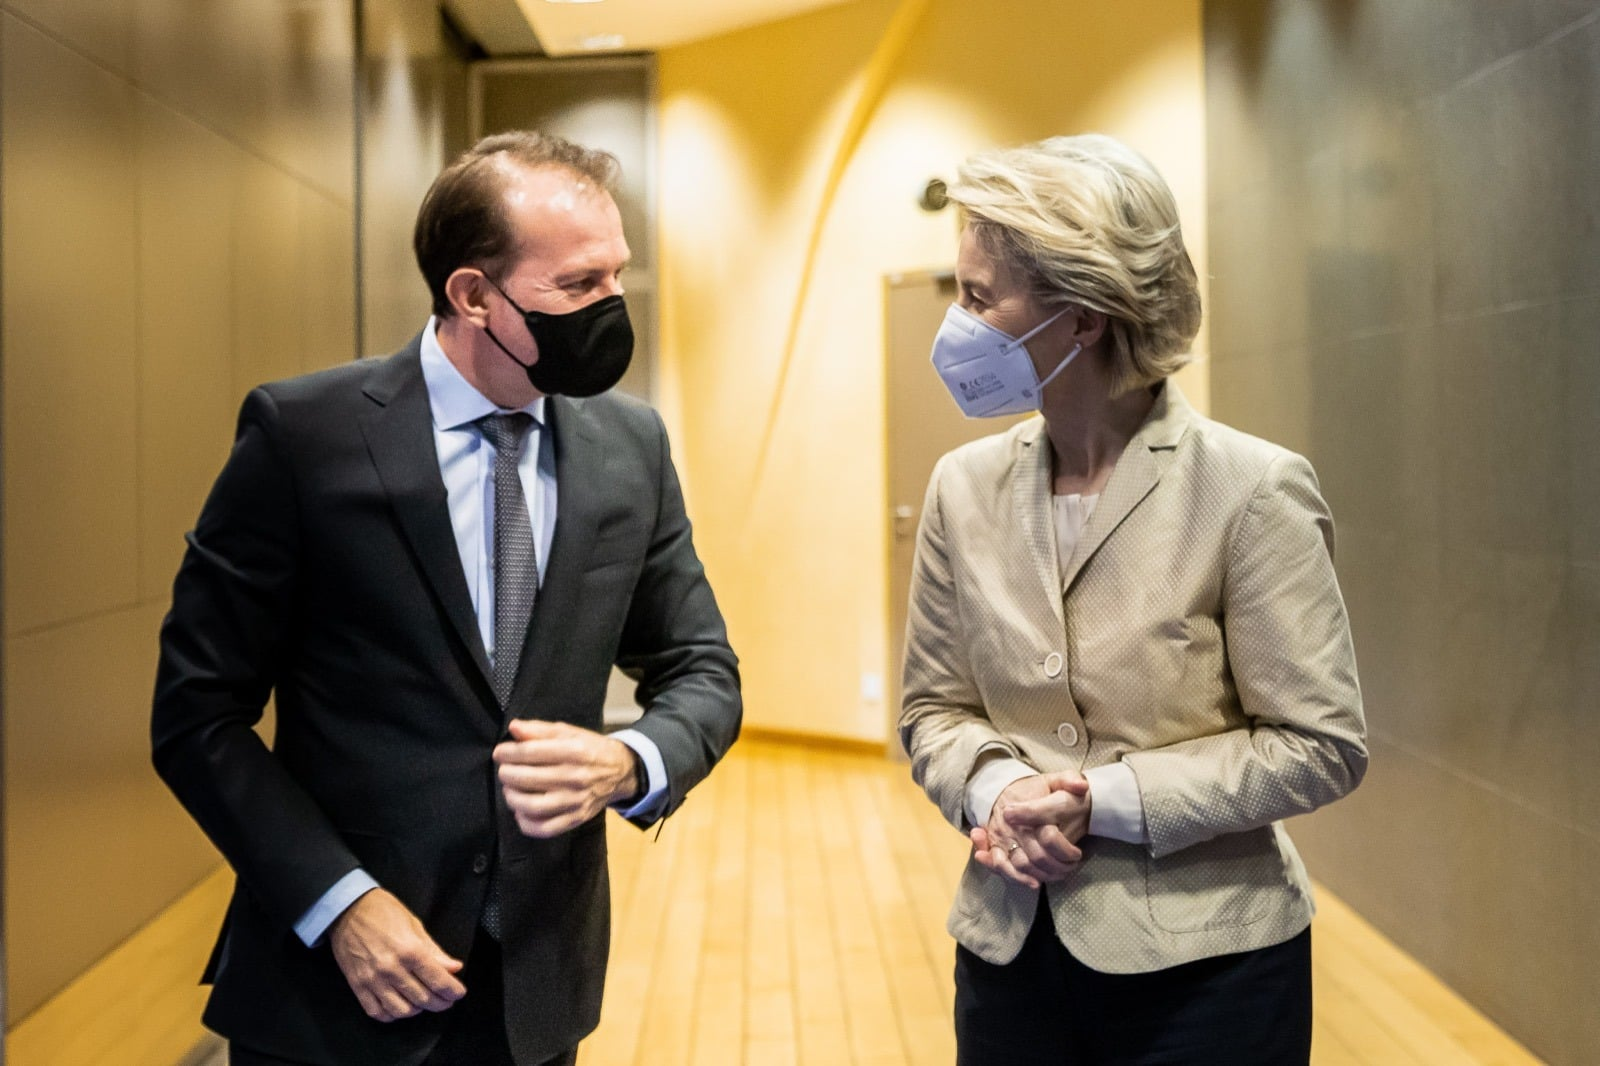 Premierul Florin Cîţu s-a mai întâlnit cu Ursula von der Leyen pe 11 mai pentru a discuta despre PNRR